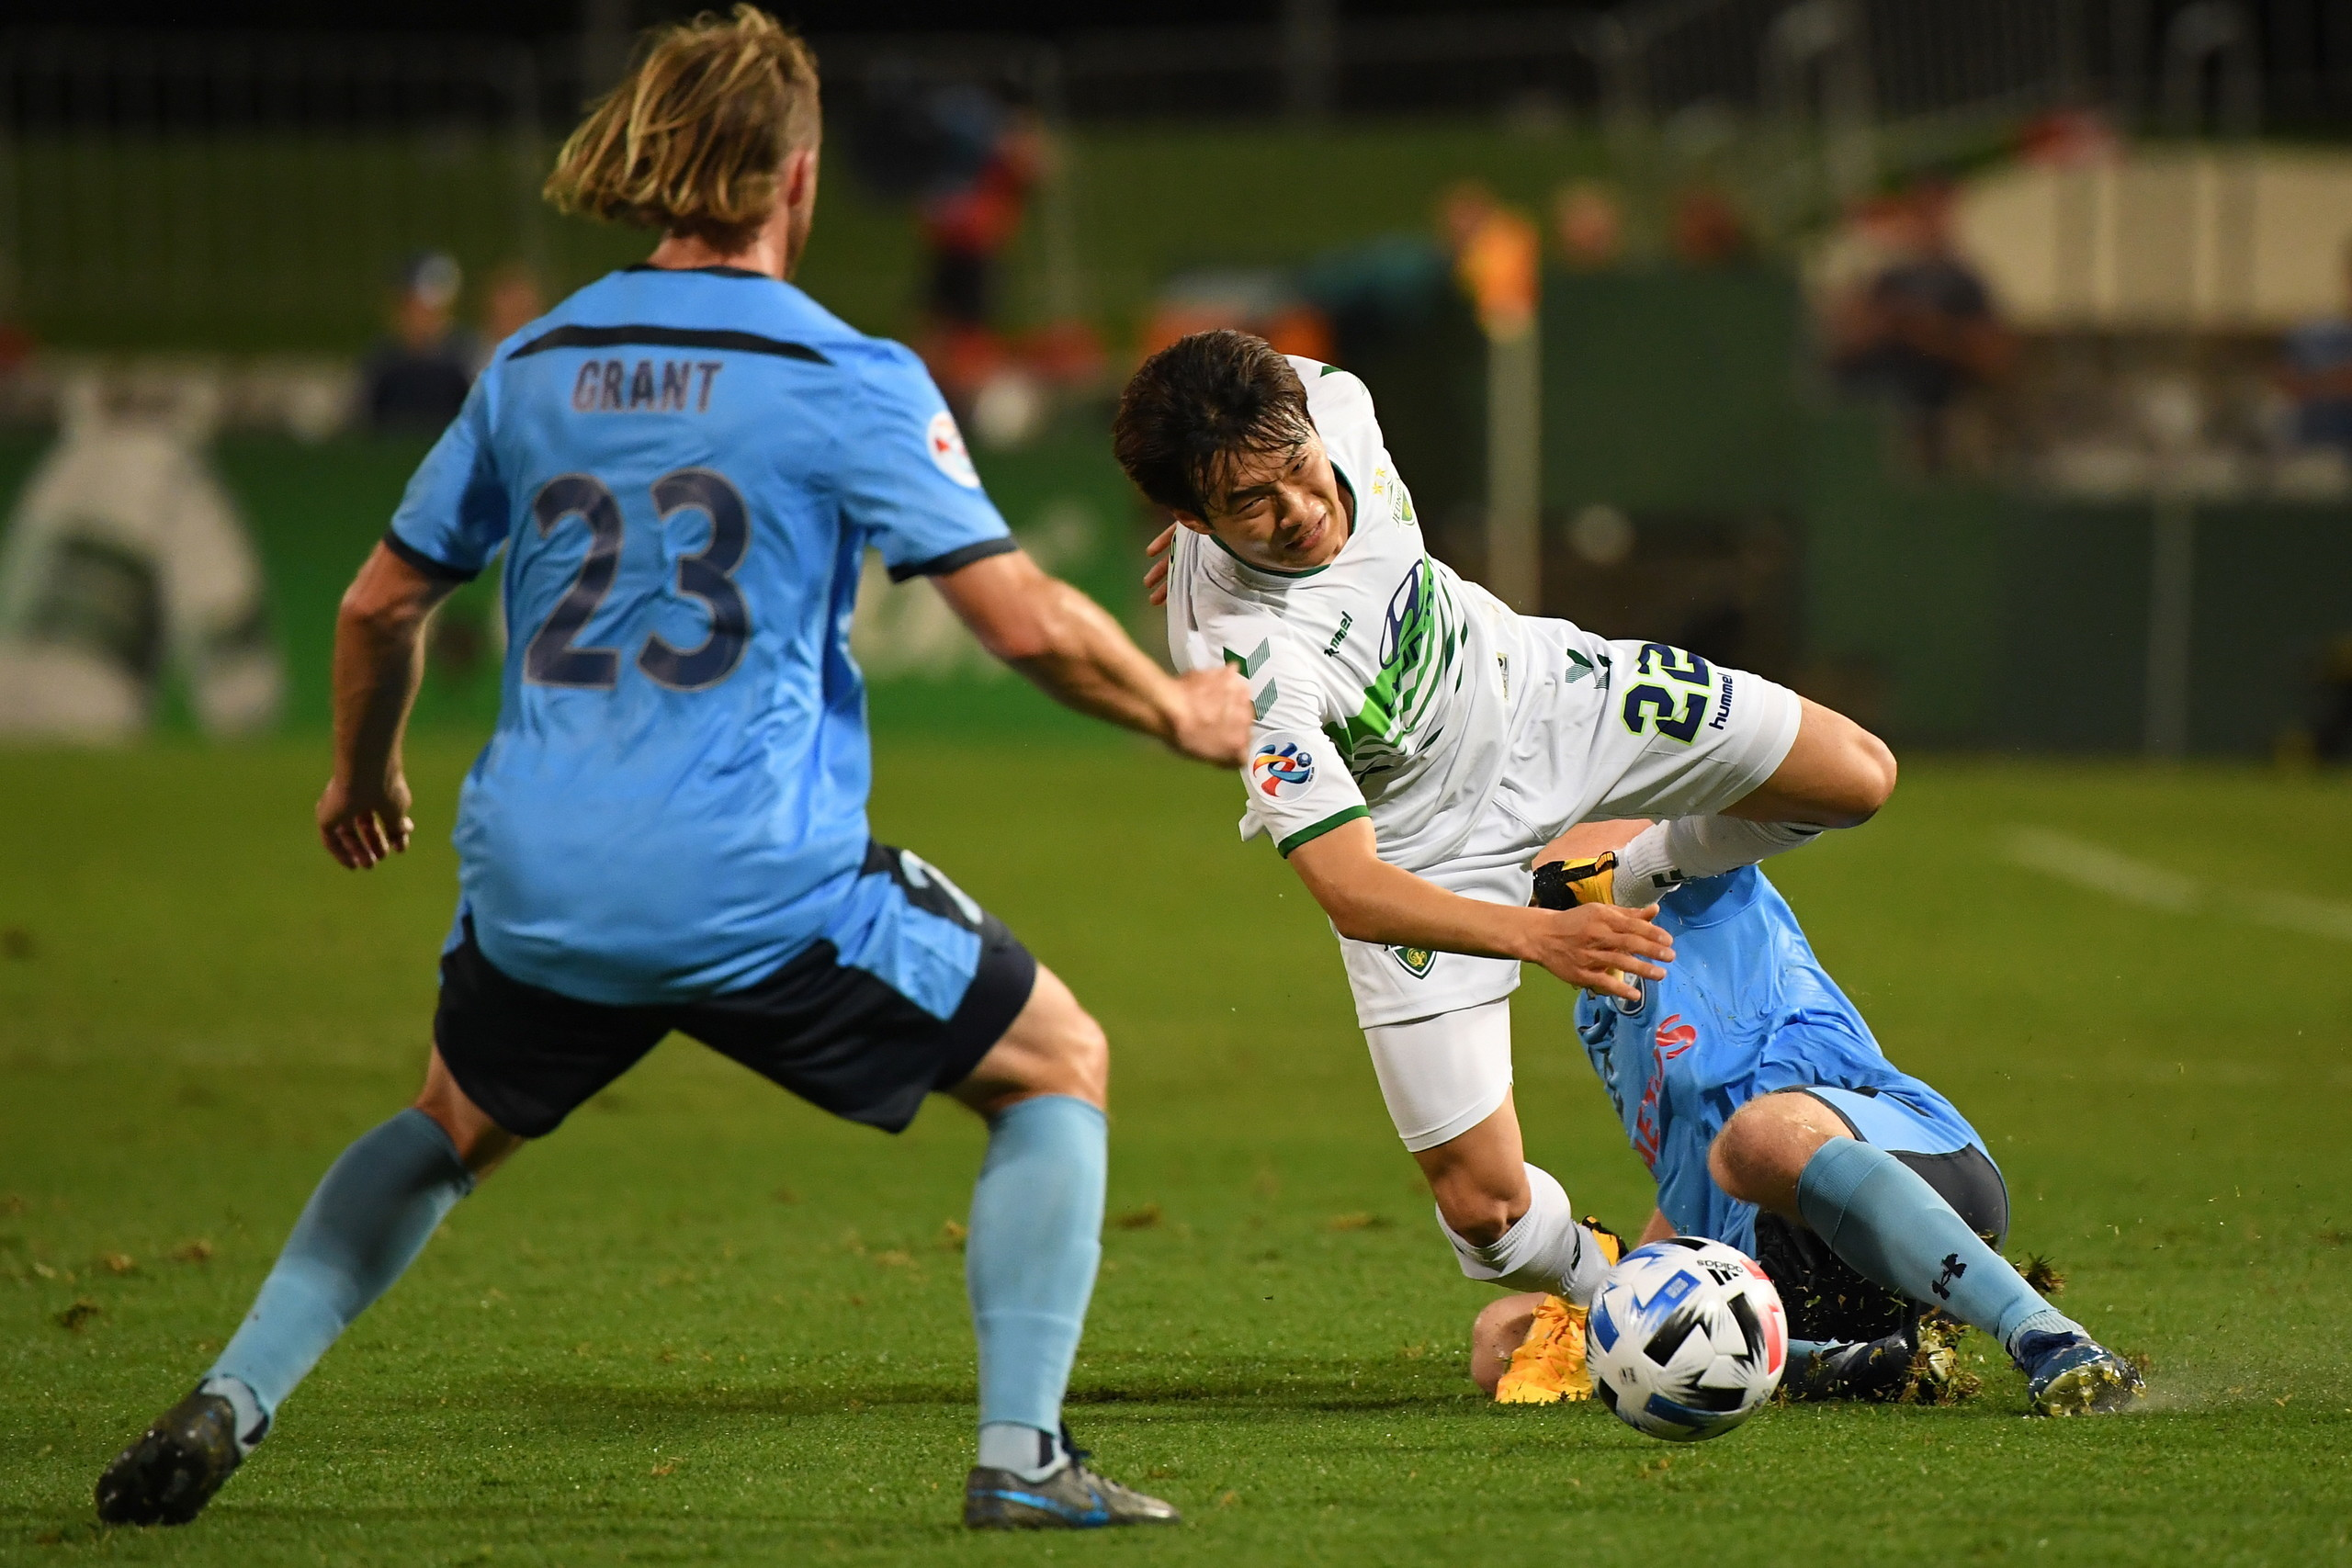 亚冠:全北2-2绝平悉尼,上港4、5月先主后客对阵两队